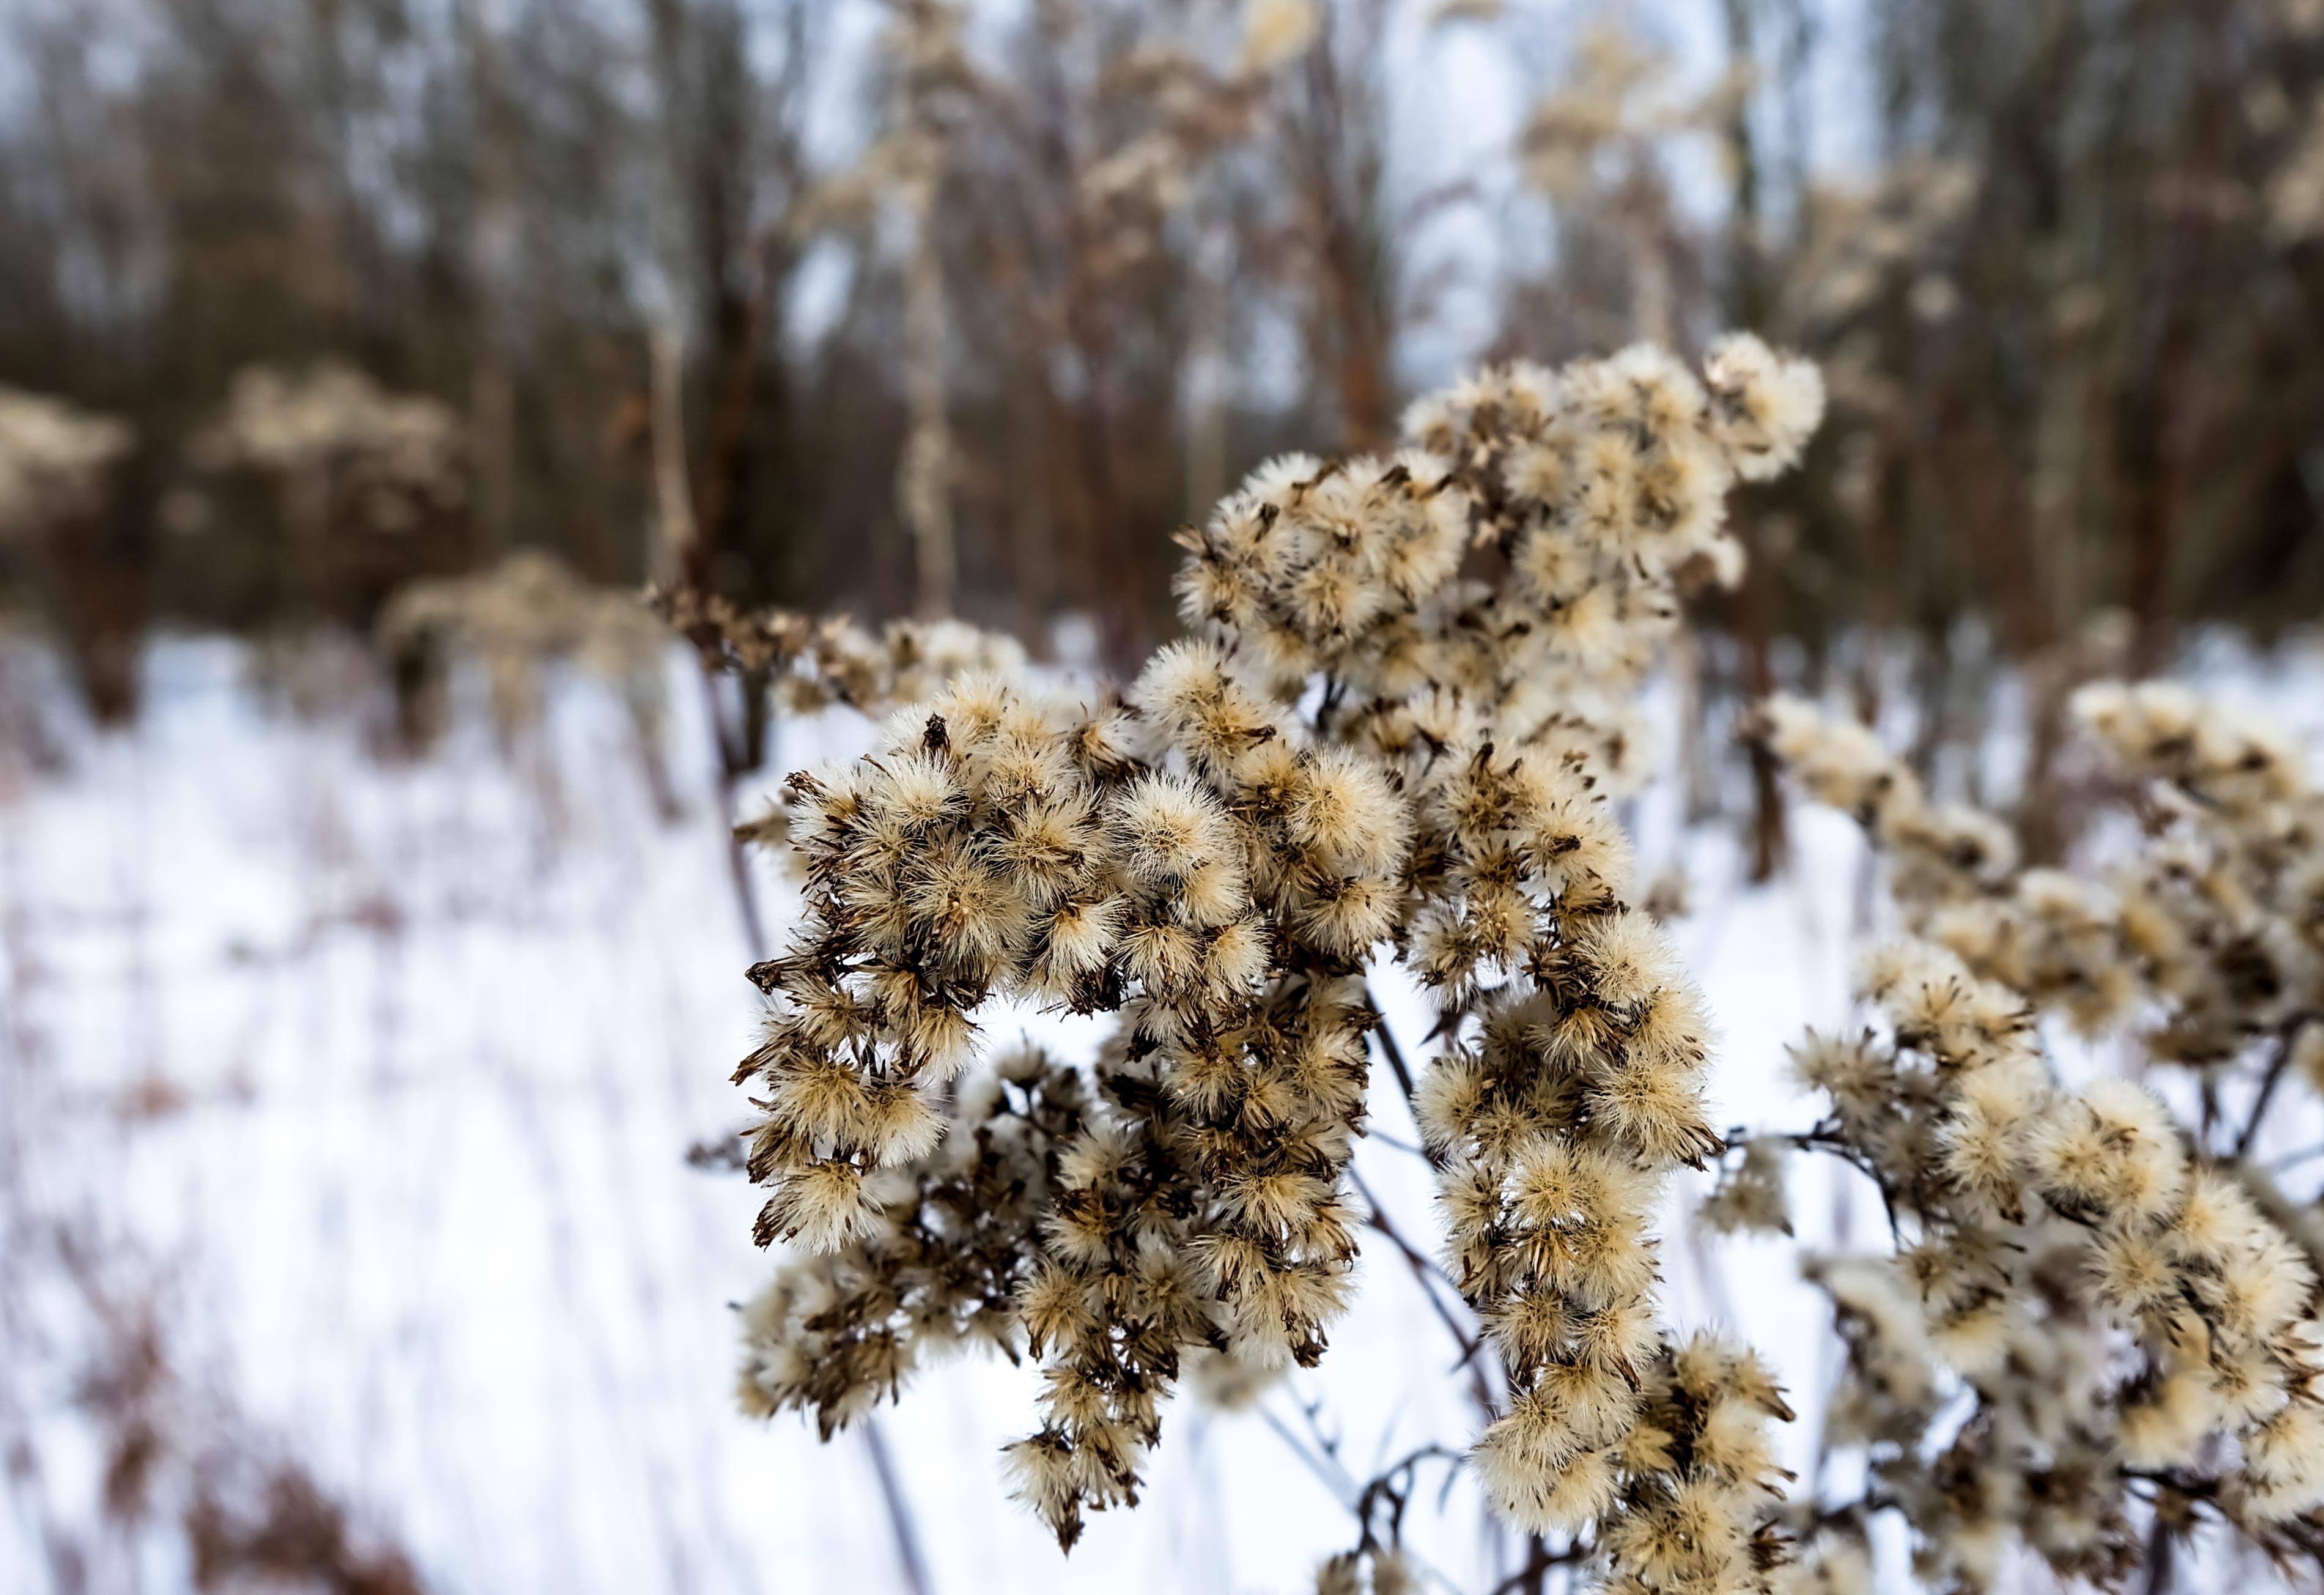 Gambar Pohon Cabang Salju Musim Dingin Menanam Daun Embun